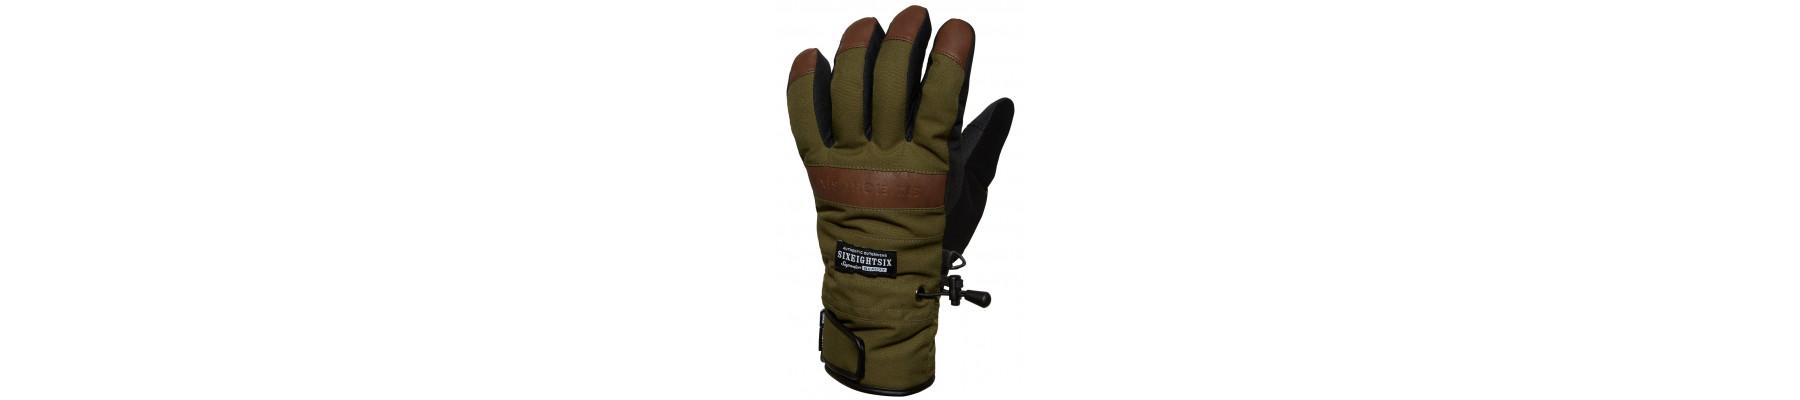 686 Recon Snowboard Glove Olive 10K/8K/-21'C